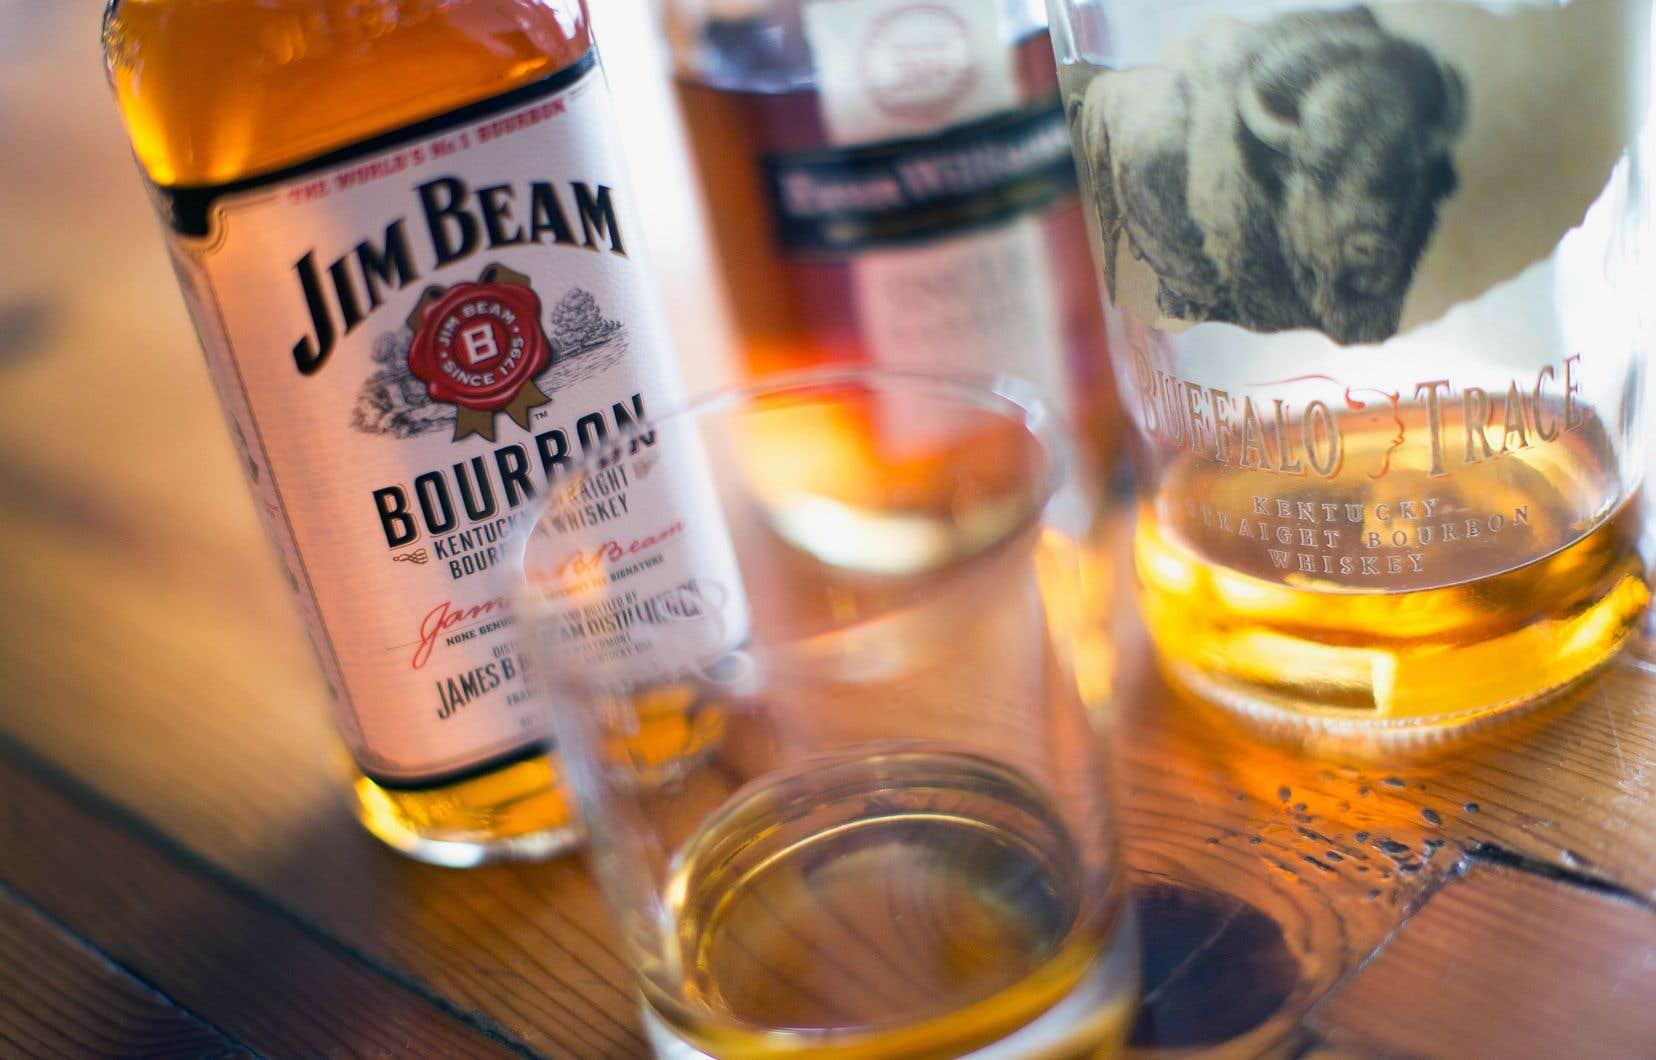 Des produits américains, comme le bourbon, pourraient être taxés afin de compenser en valeur le dommage causé à l'industrie européenne.